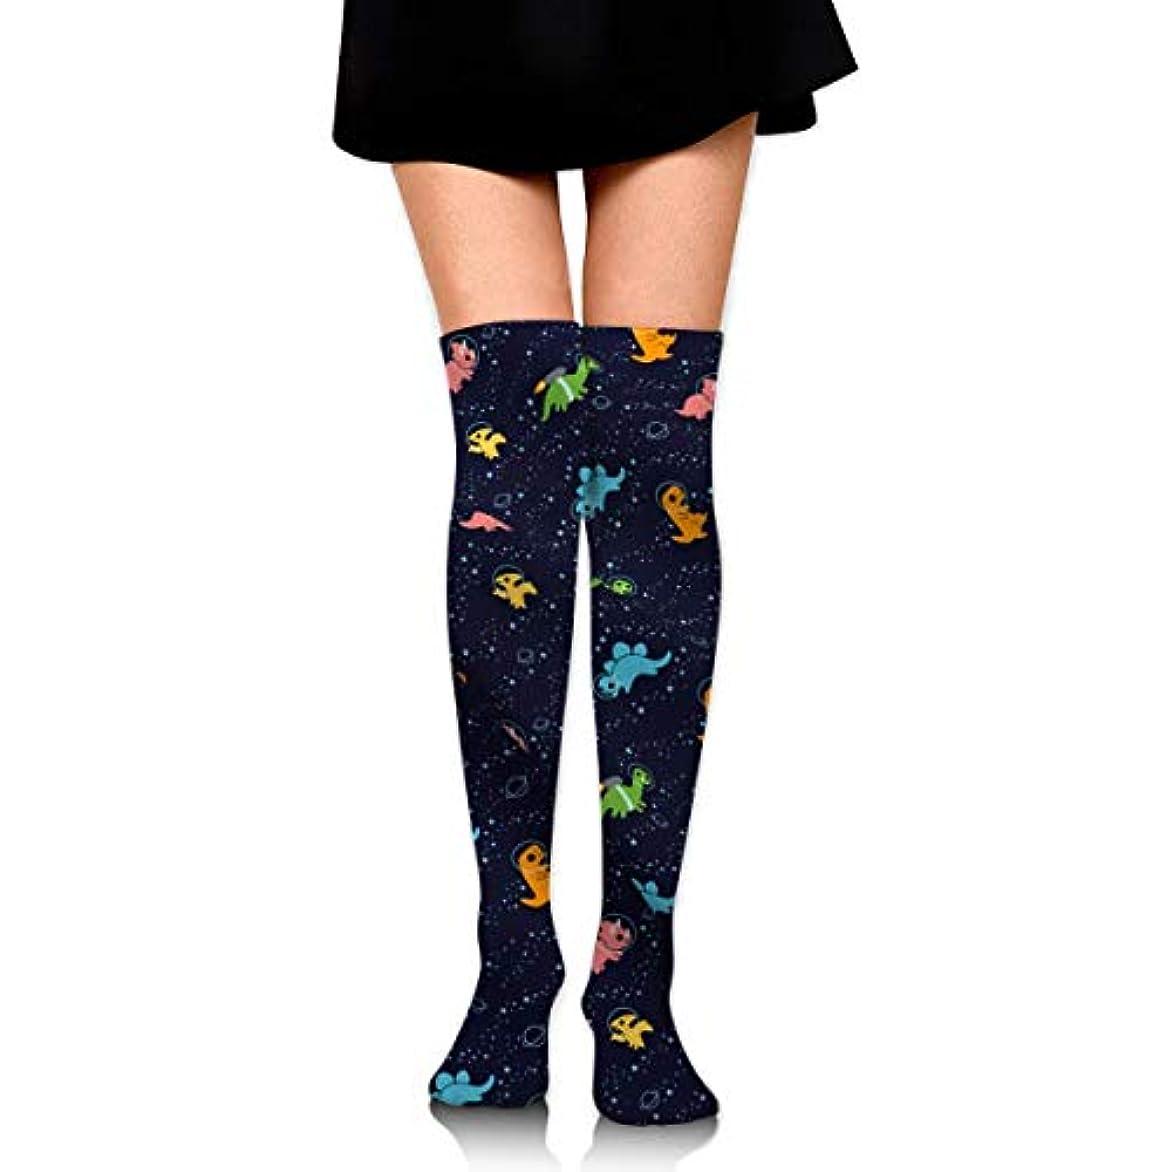 衝撃現代養うMKLOS 通気性 圧縮ソックス Breathable Thigh High Socks Over Exotic Psychedelic Print Compression High Tube Thigh Boot Stockings...